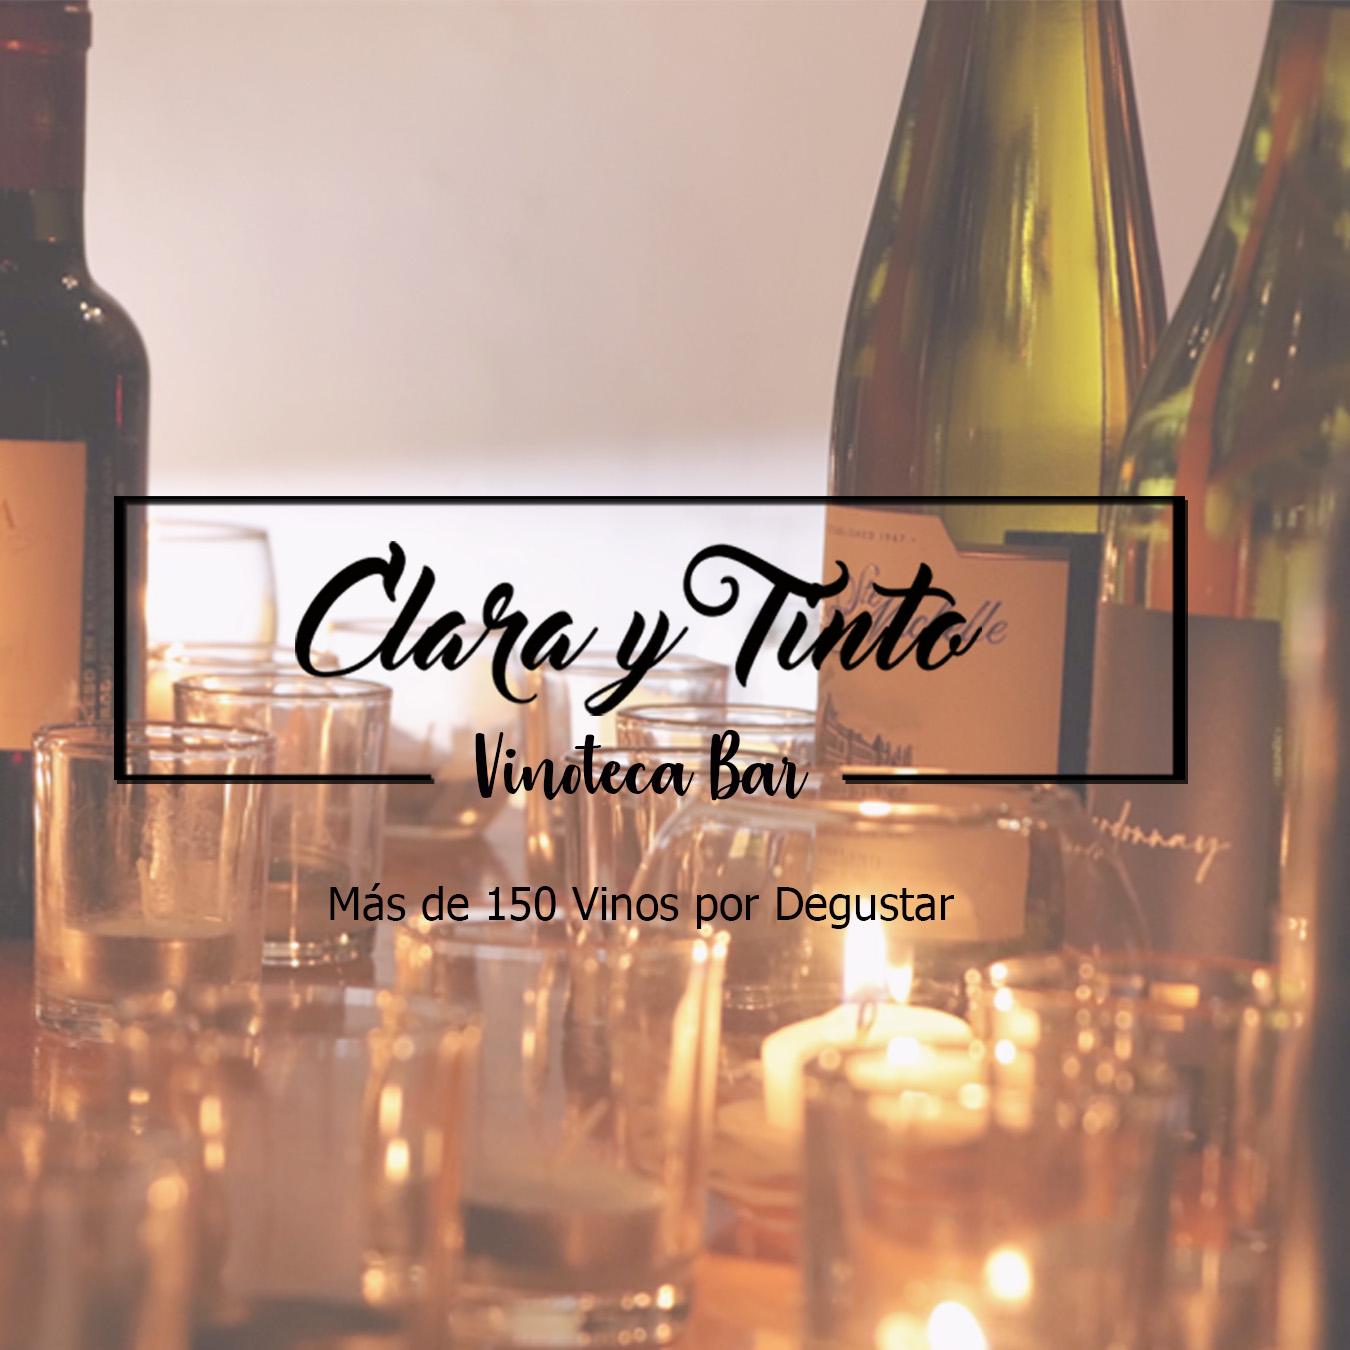 Clara y Tinto